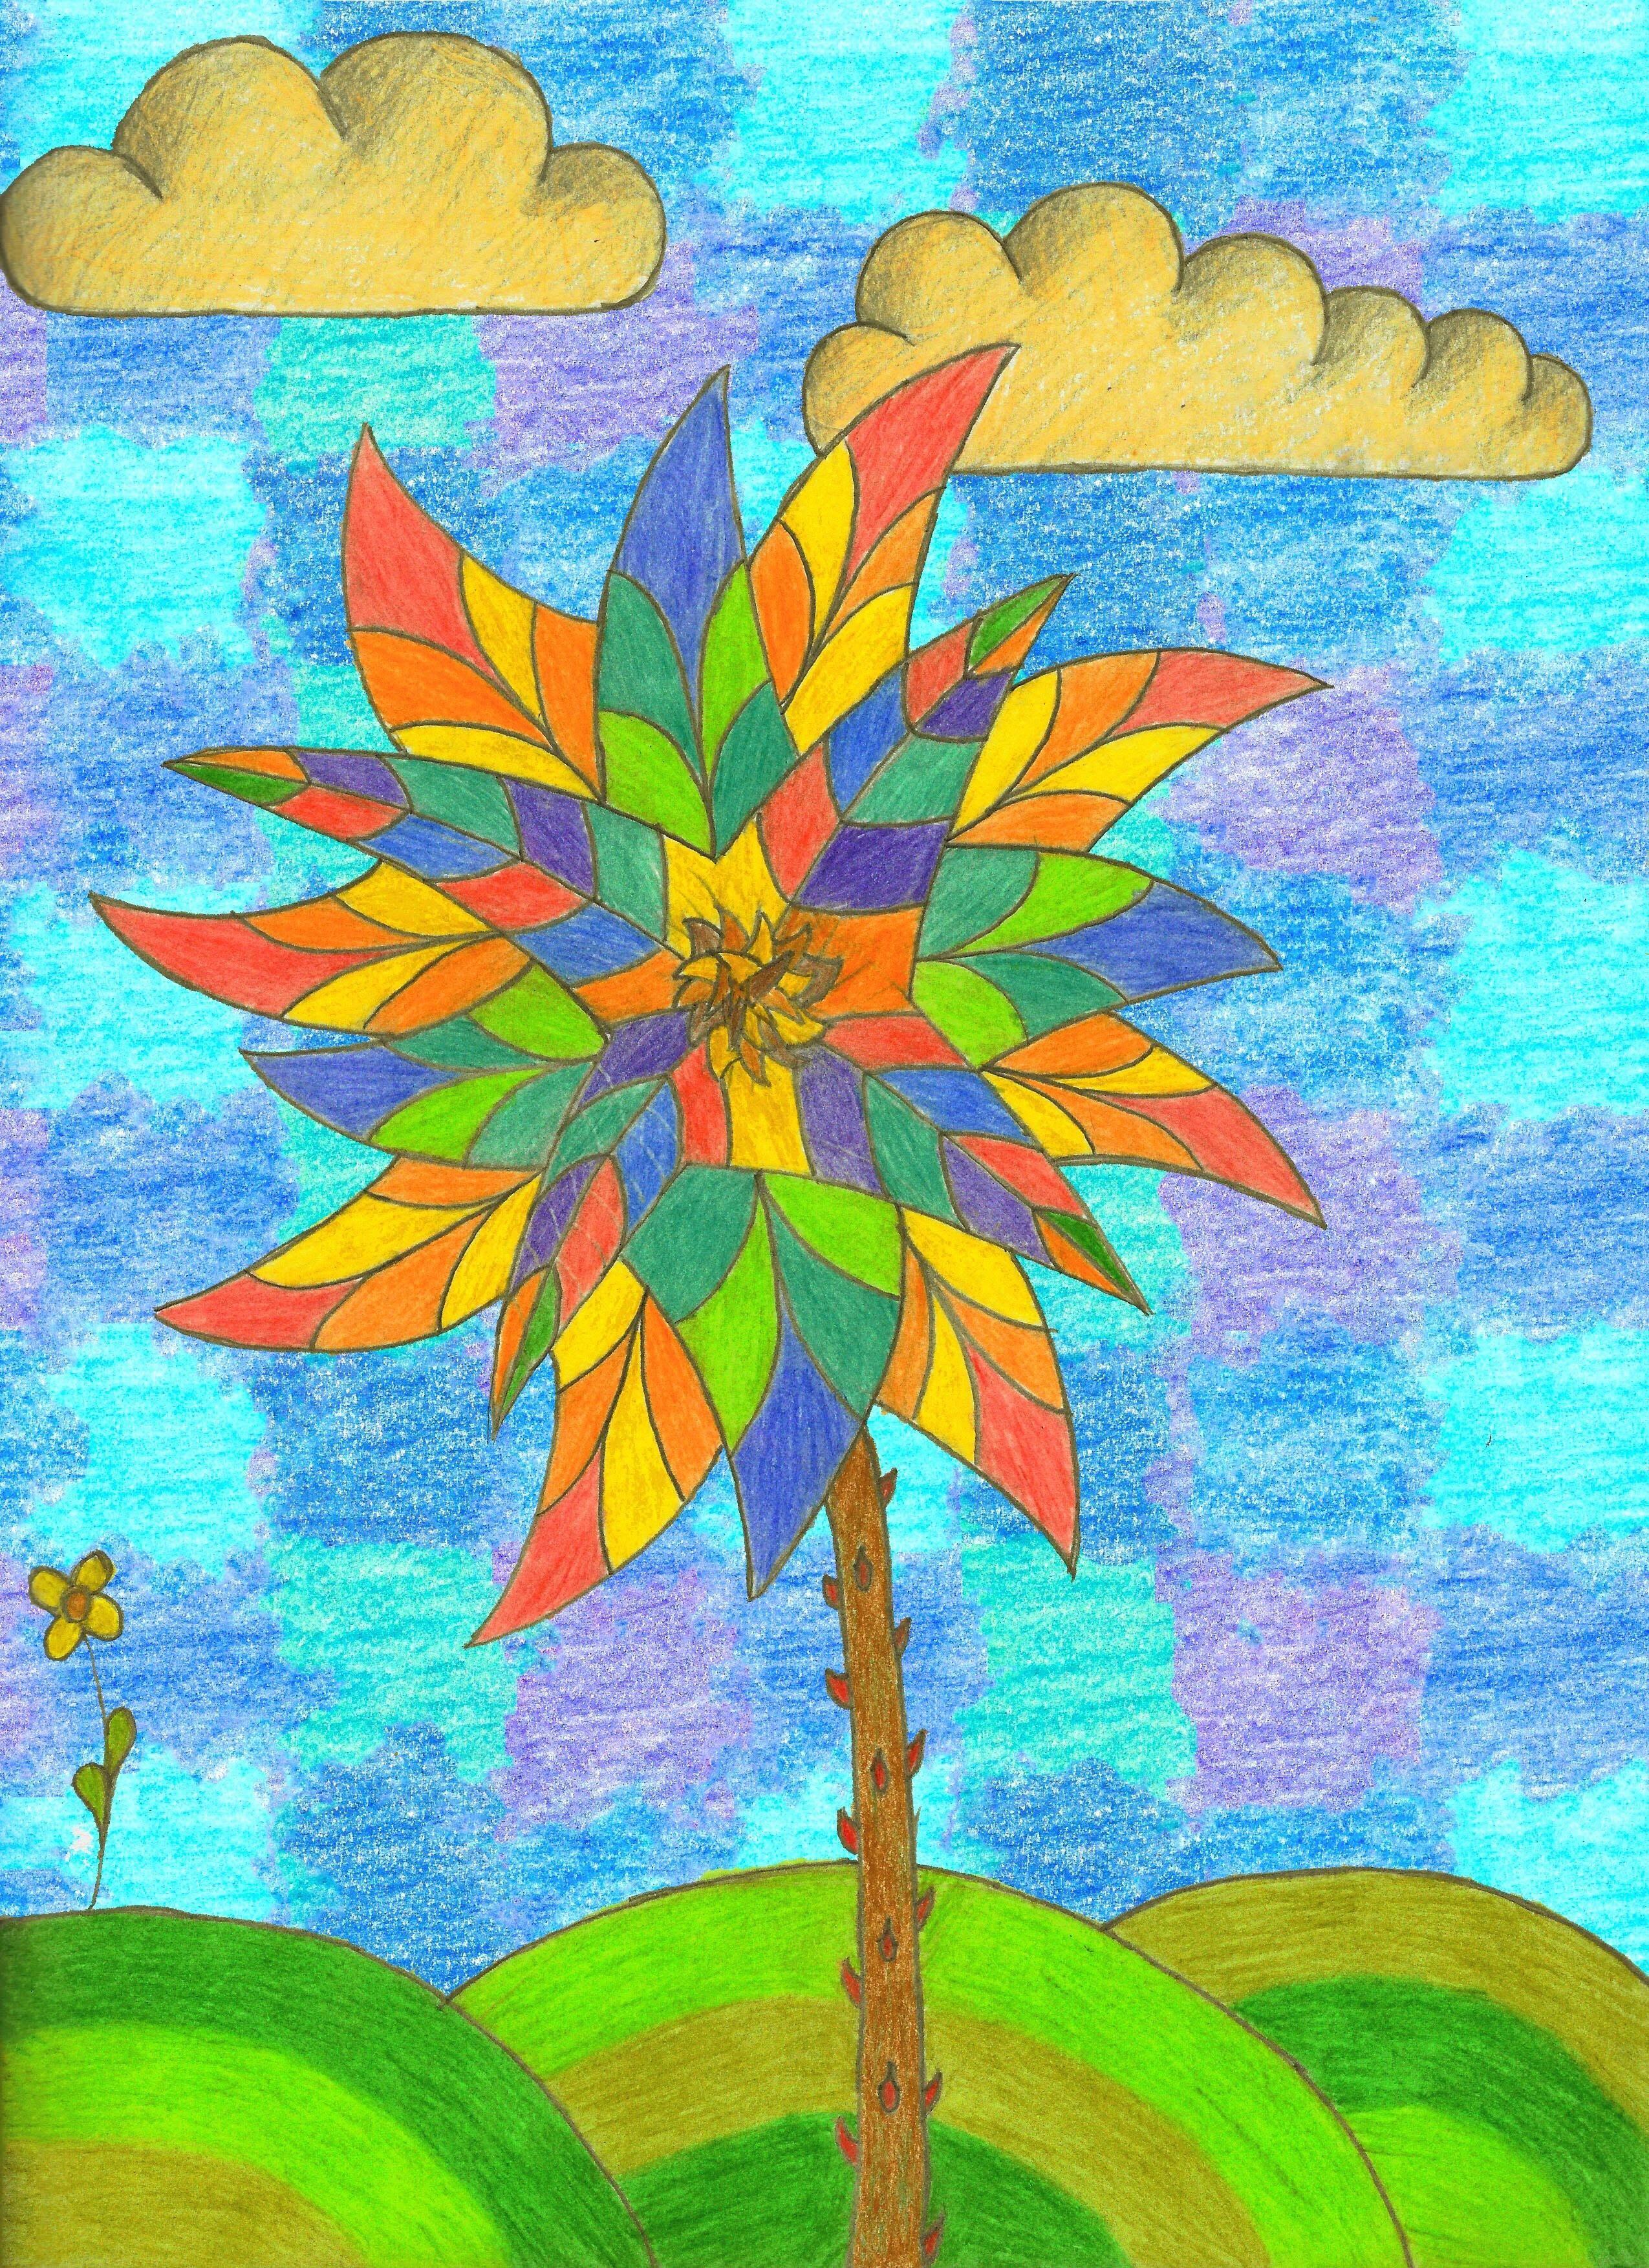 A psychedelic flower psychedelic psychedelic trippy art